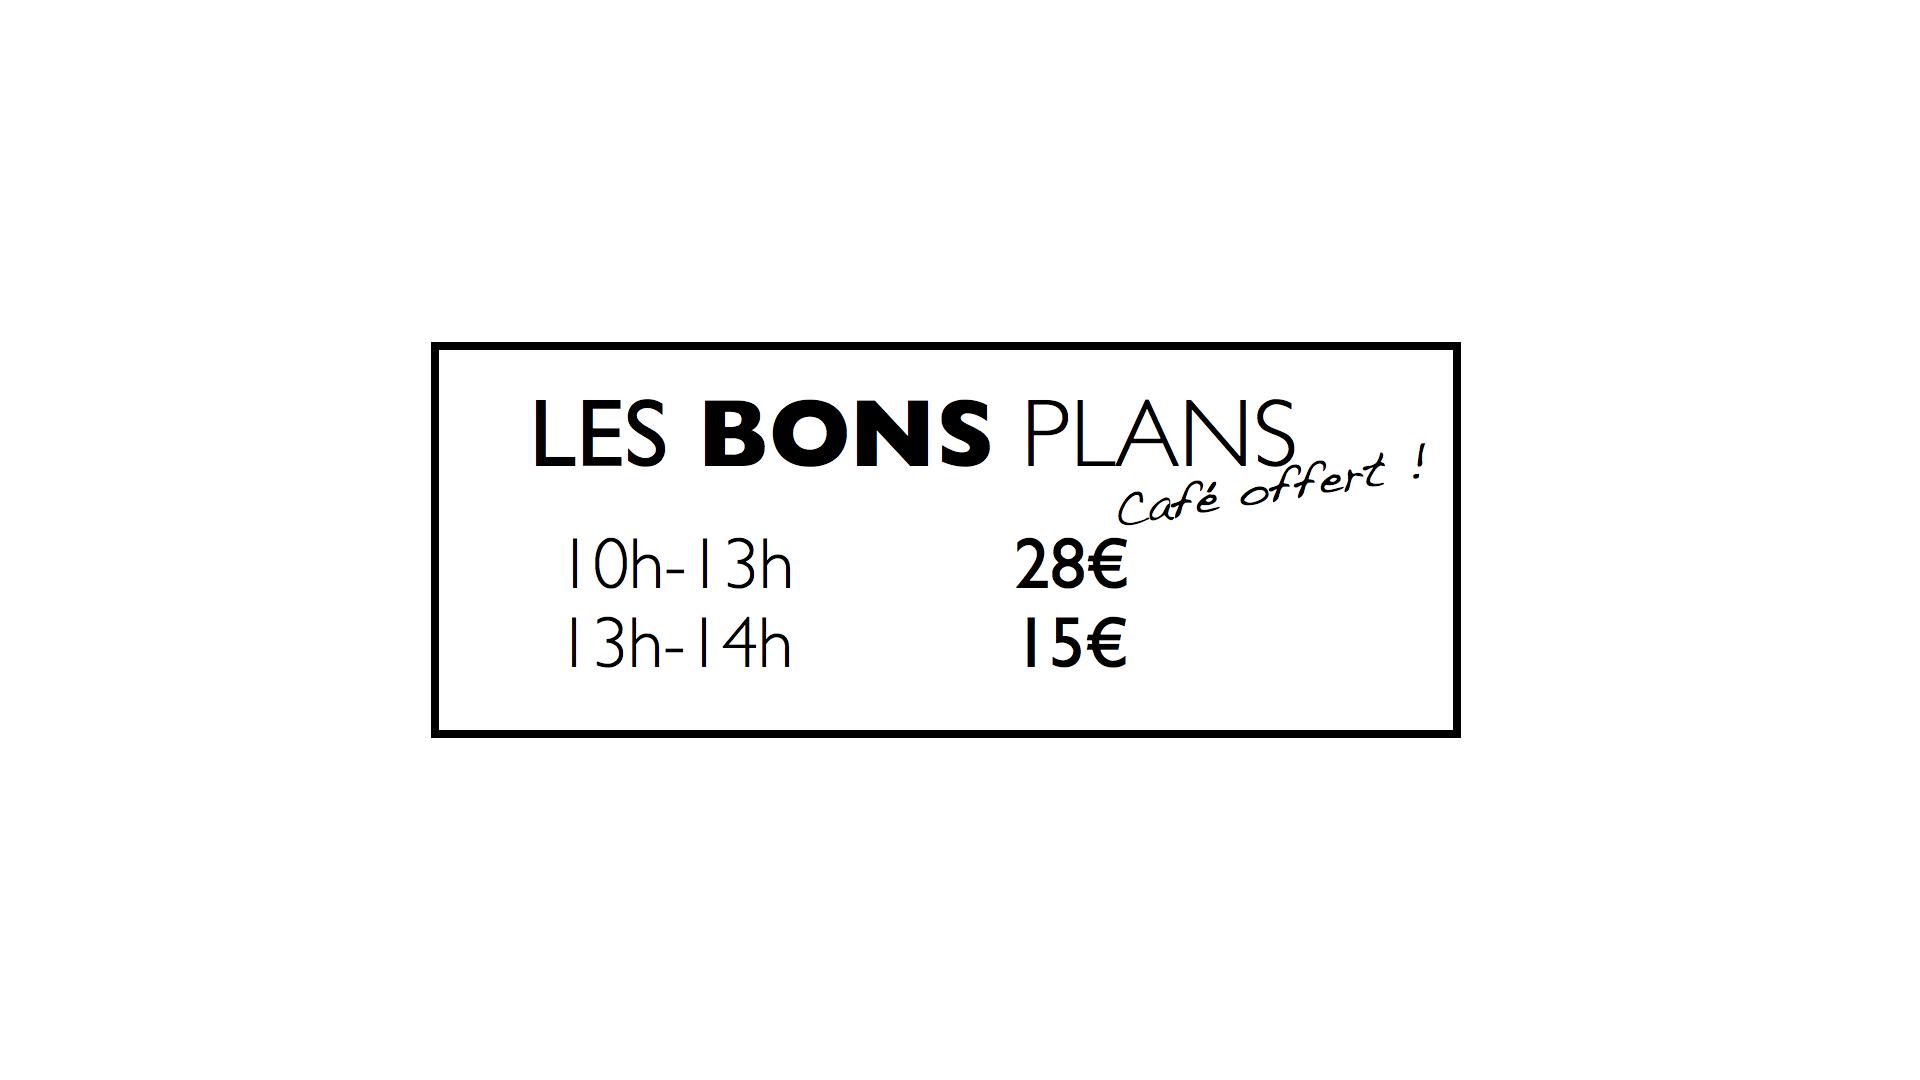 Bons plans.004